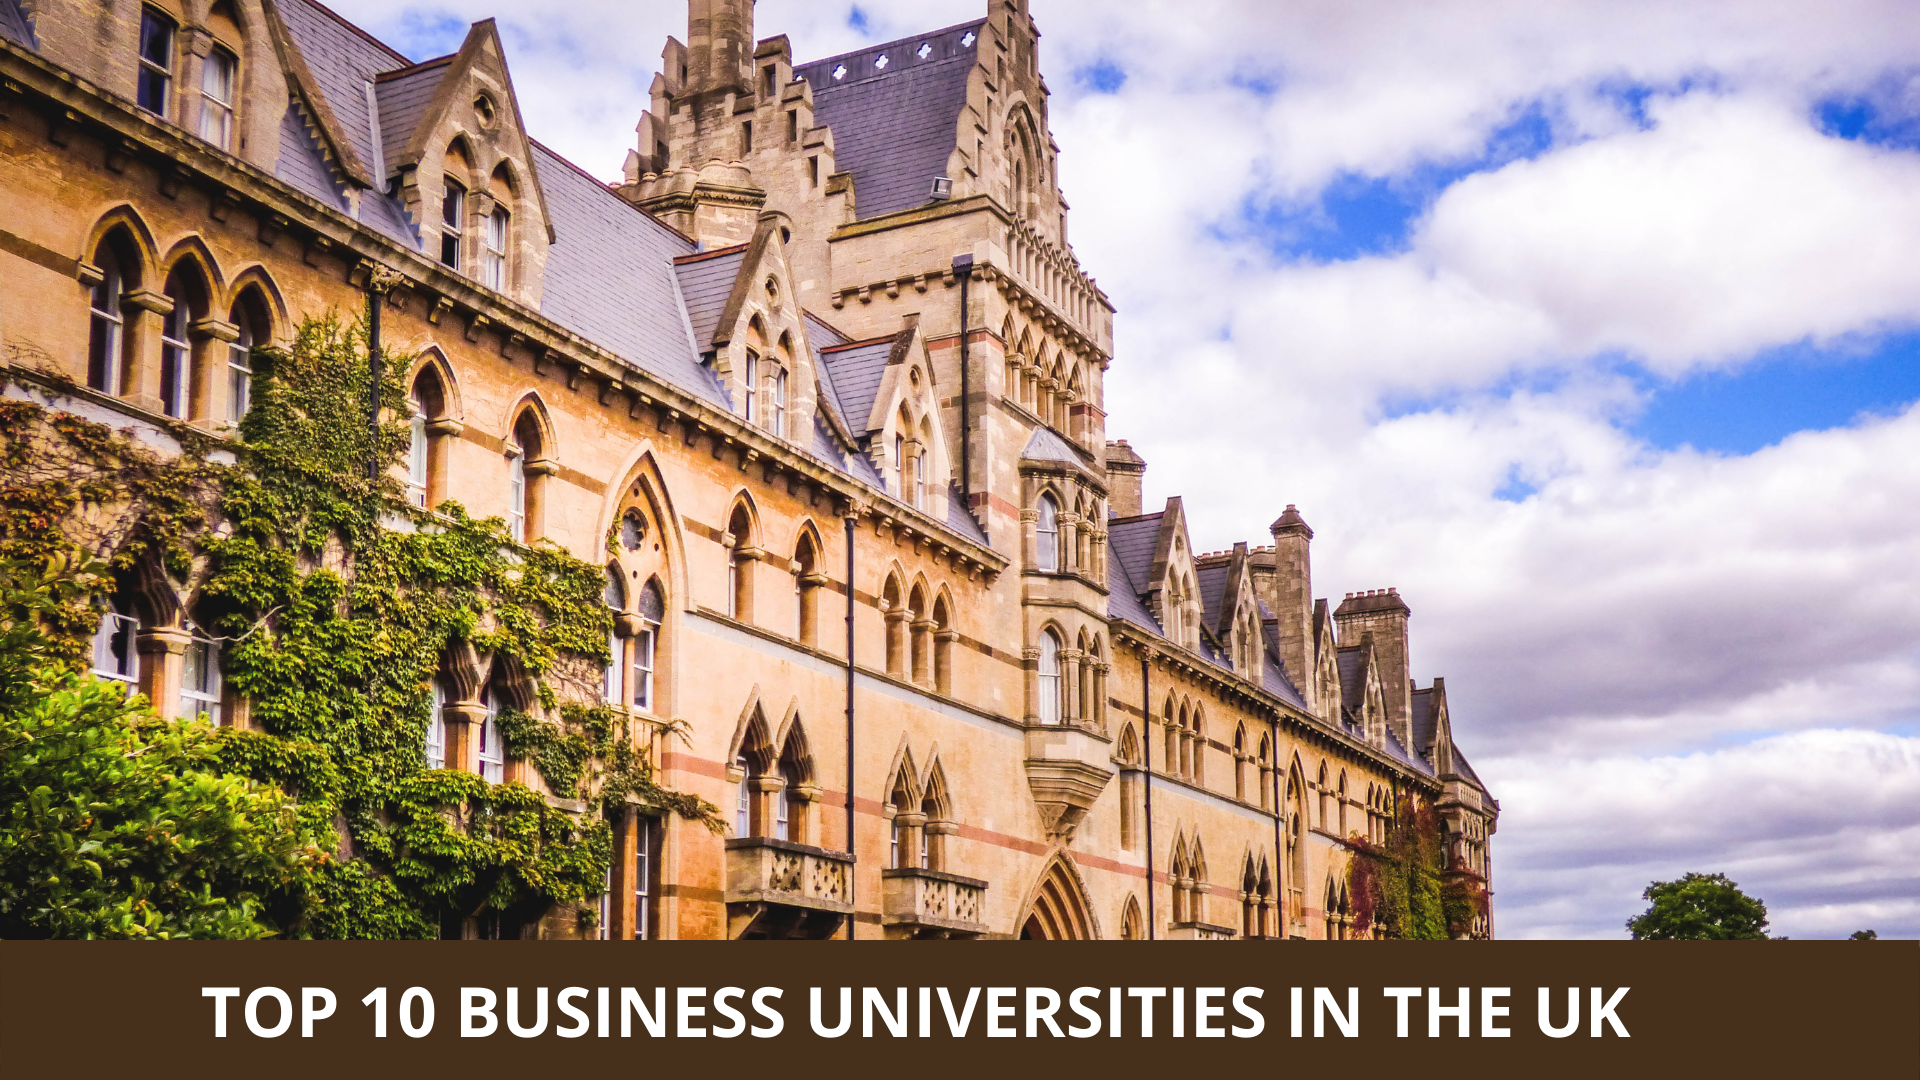 Top 10 Business Universities in the UK